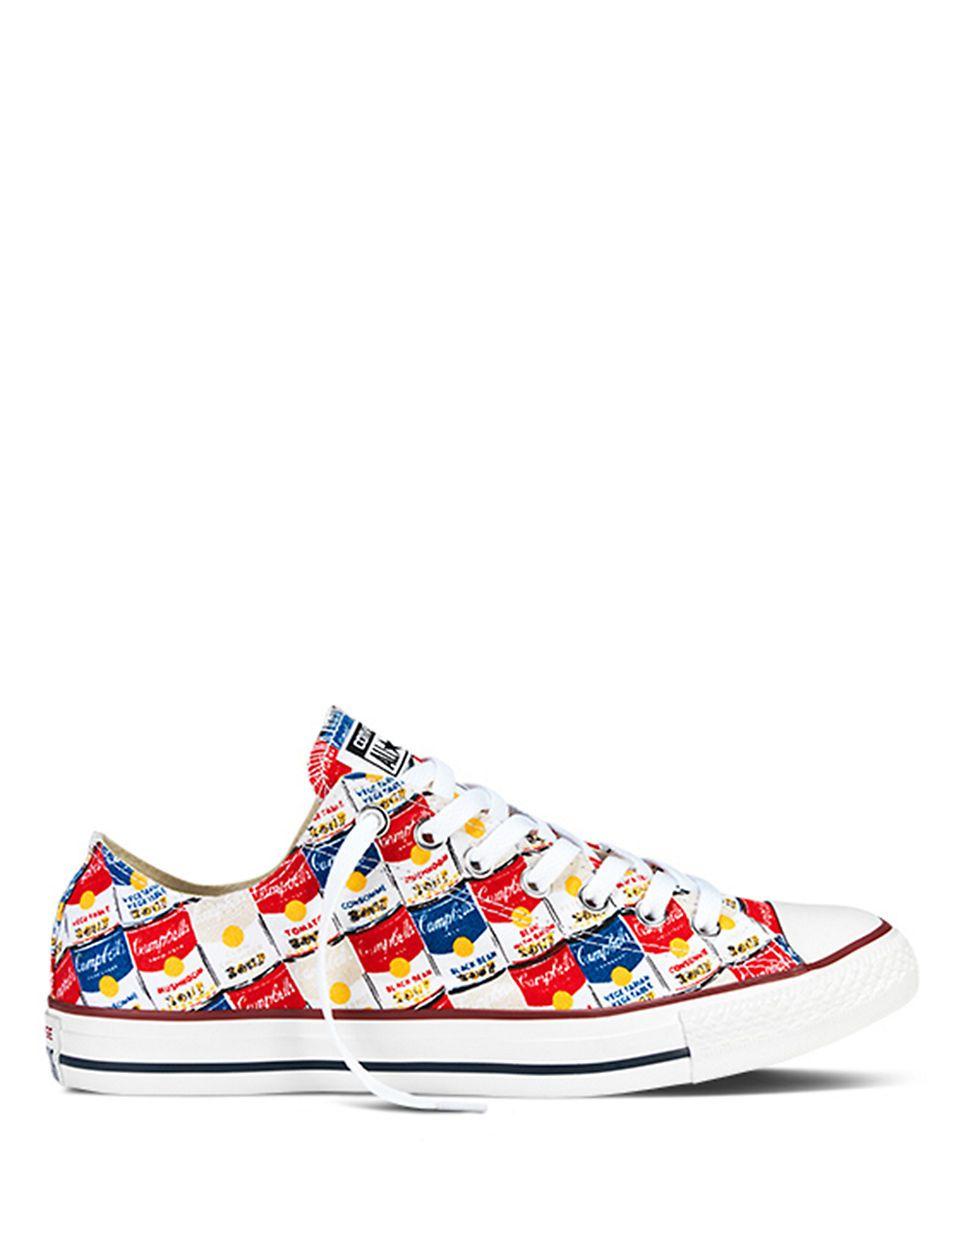 23d9de9923dab Shoes